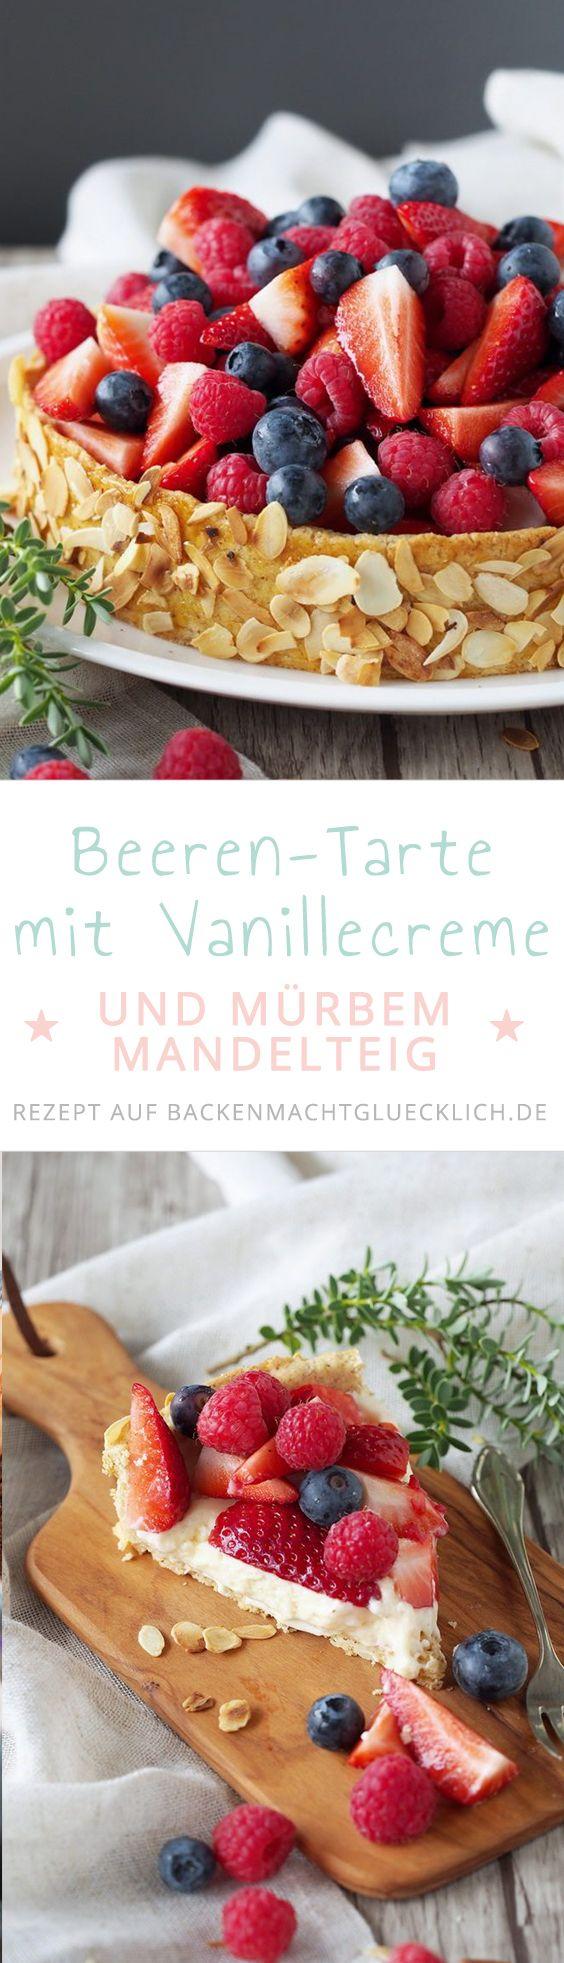 Beeren-Tarte mit Vanillemouse und Mandel-Mürbteig: Diese köstliche Mandeltarte ist ein toller Sommerkuchen für alle, die frische Beeren lieben!